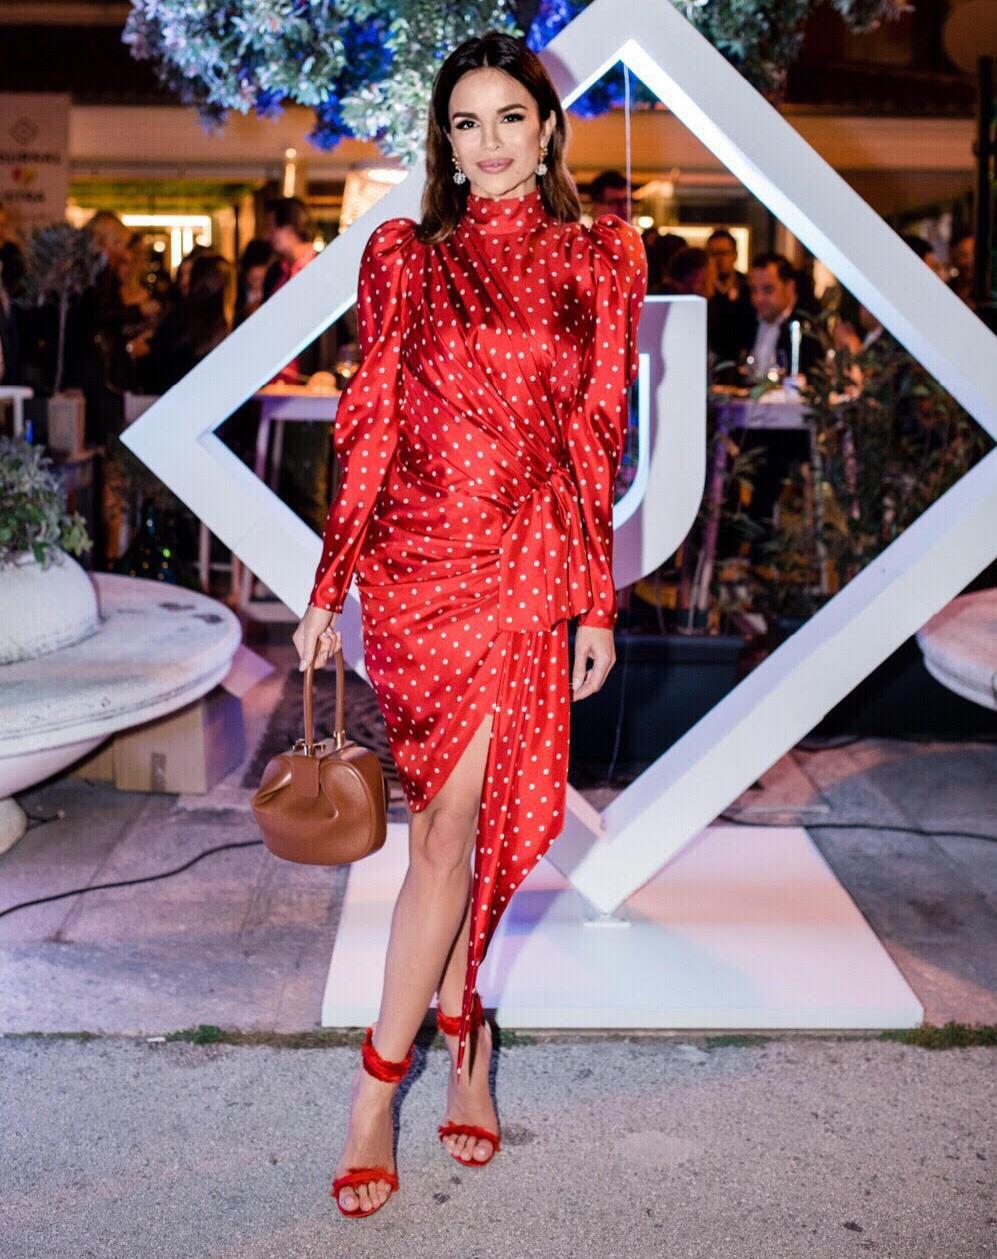 Dama u crvenom: Severina zablistala u točkastoj haljini koja joj stoji savršeno